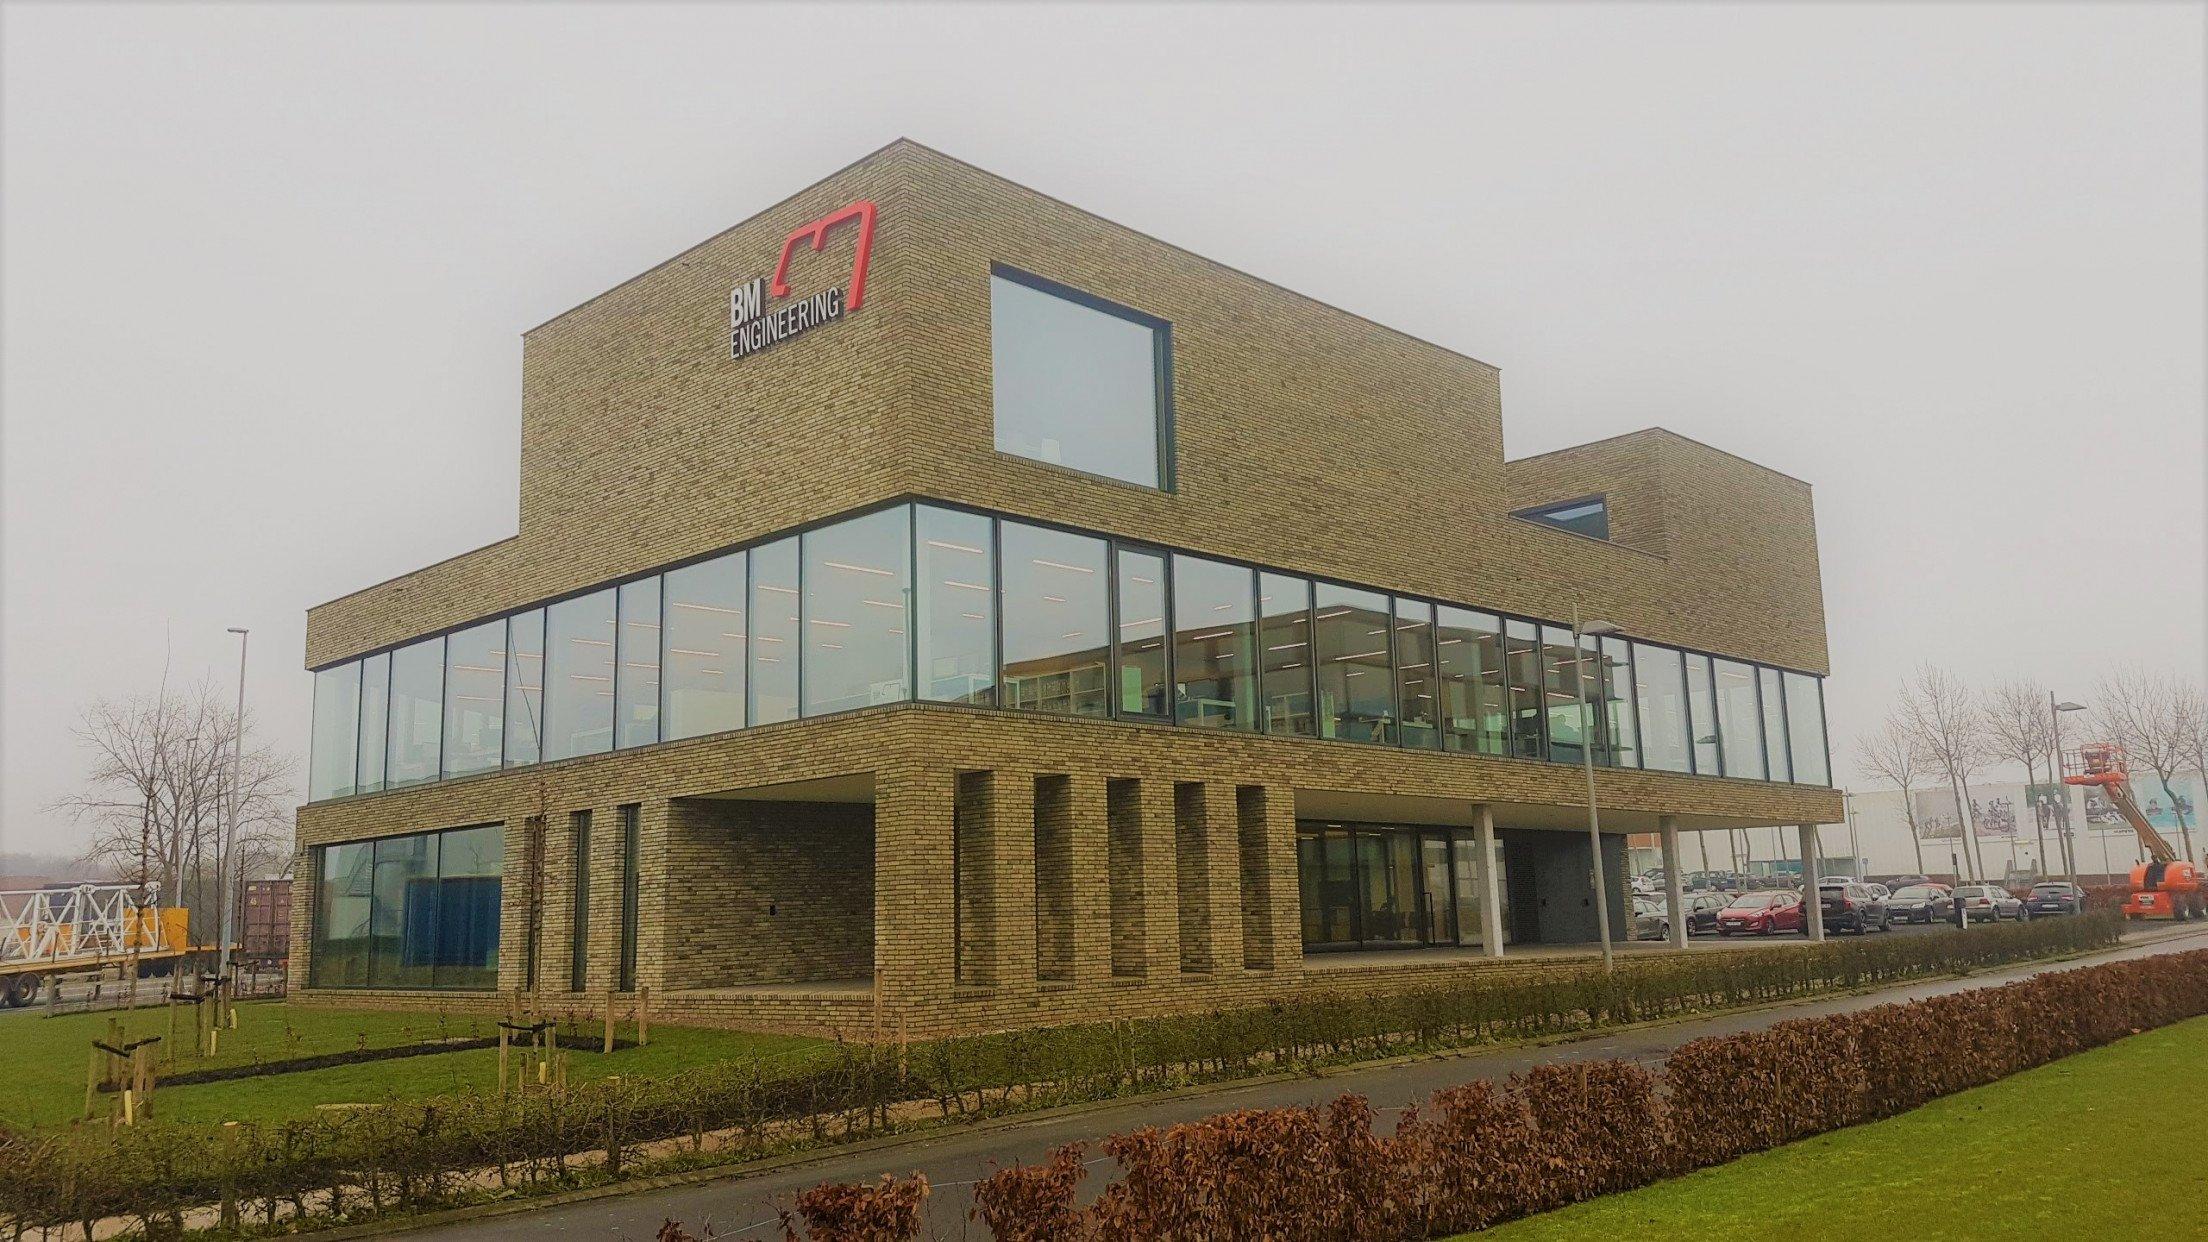 BM Engineering betreedt nieuw kantoorgebouw met eigen DNA